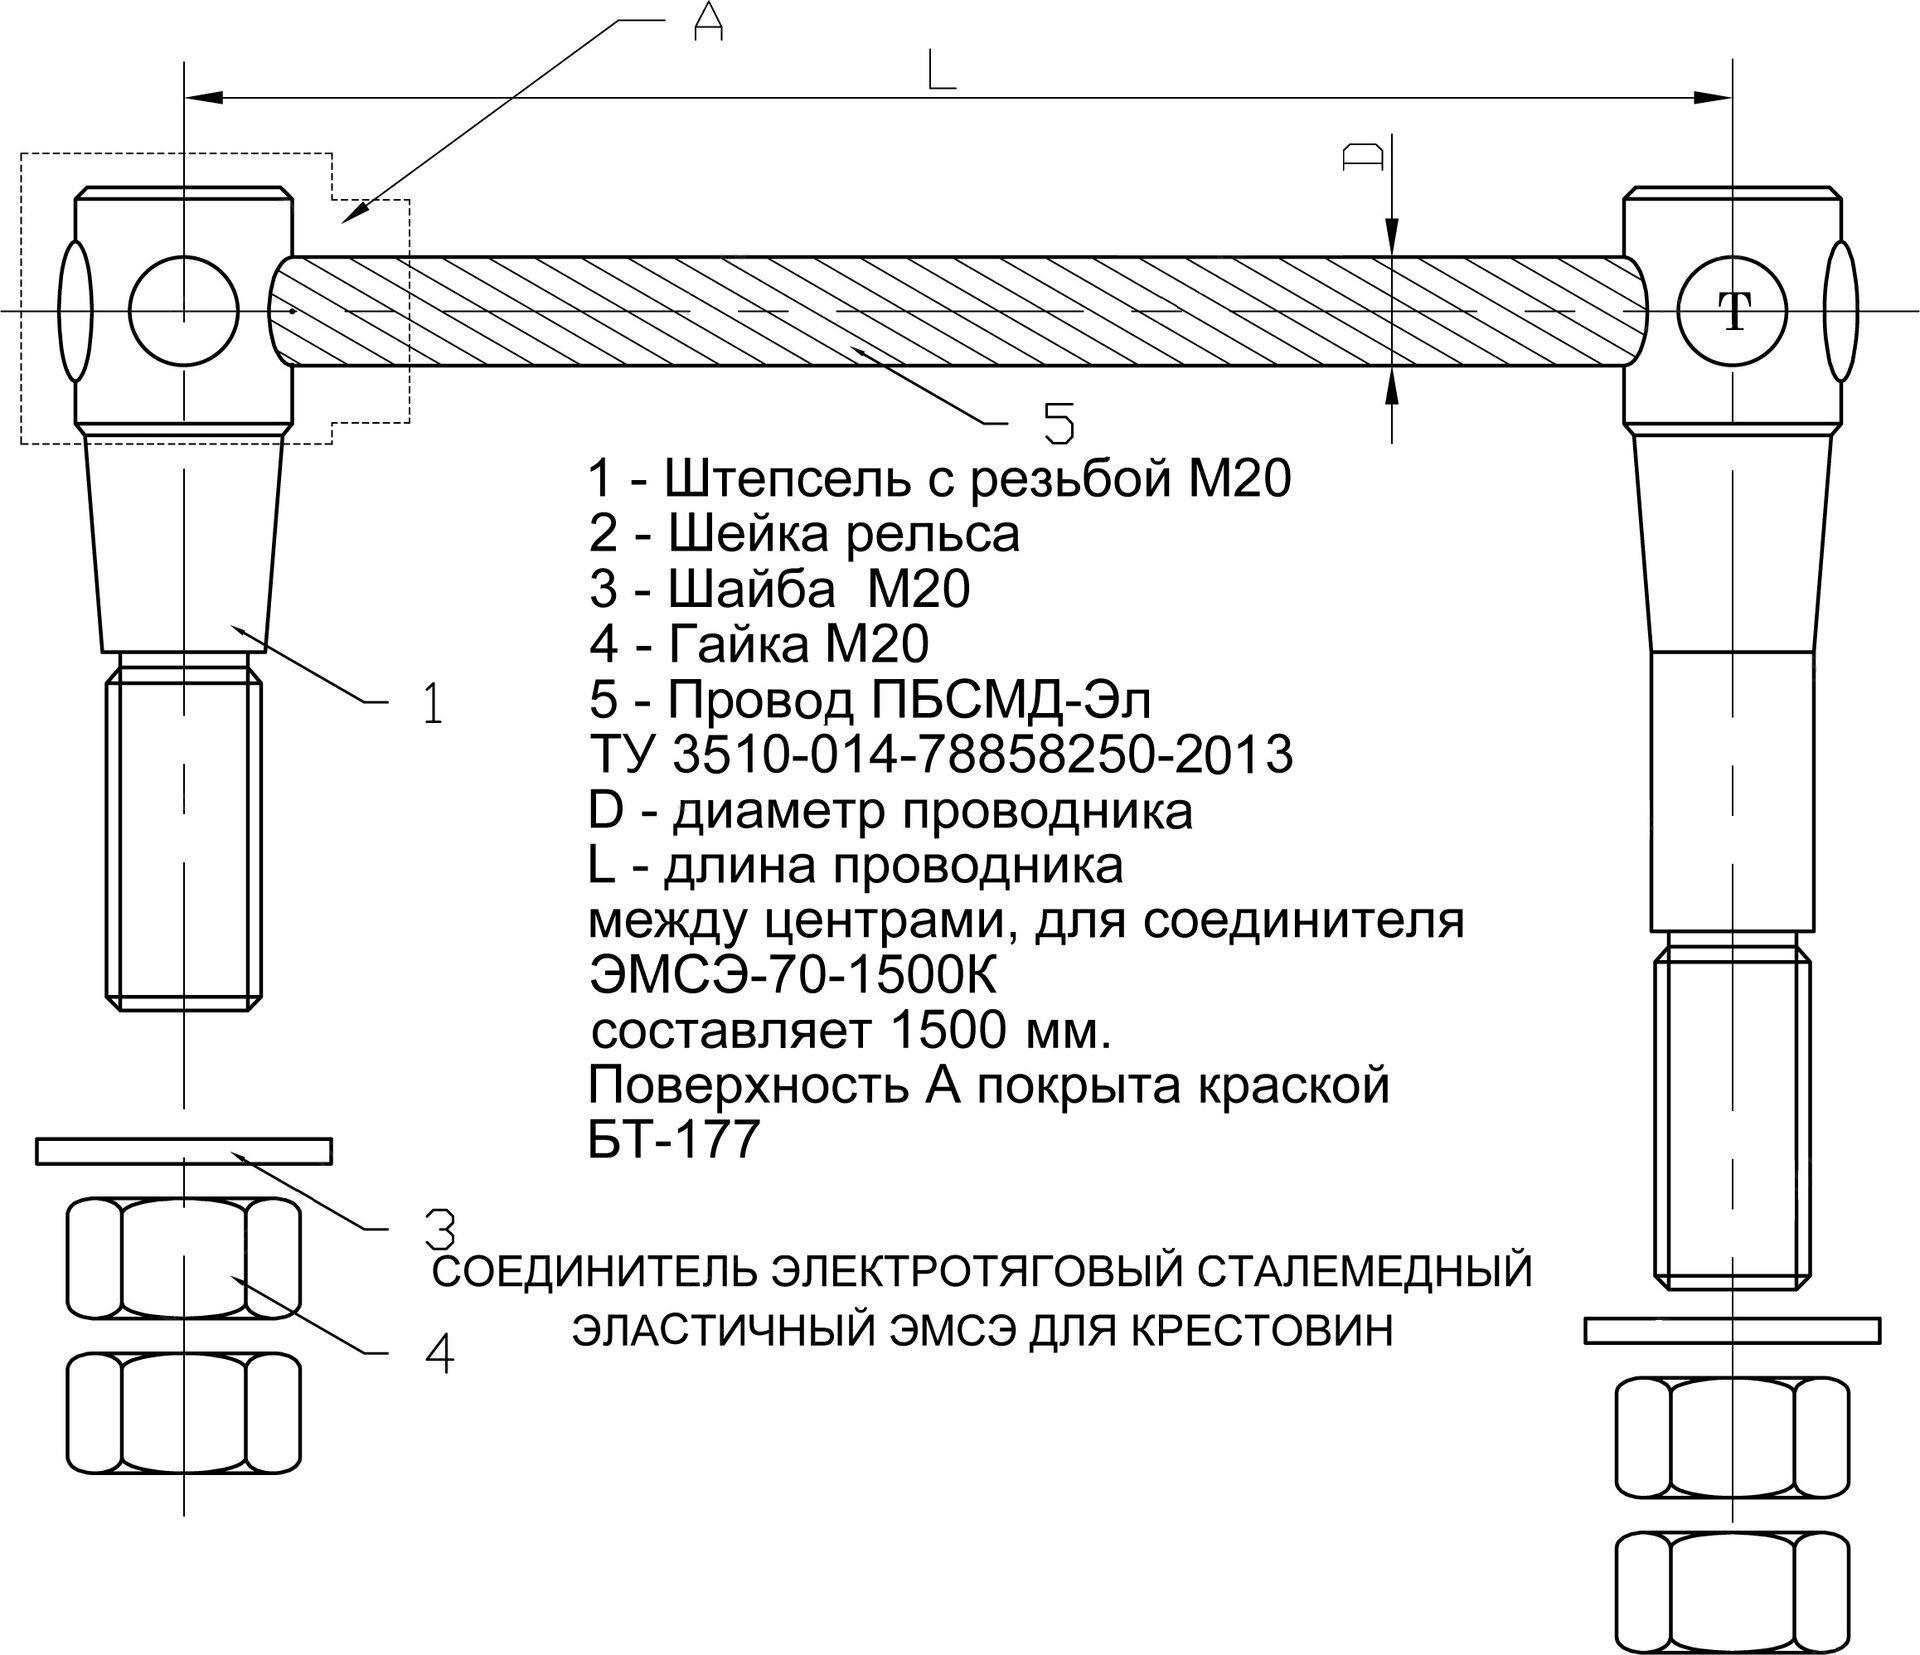 Соединитель электротяговый для крестовин ЭМС-95-3500 - фото pic_5696b4e4f95fa00_1920x9000_1.jpg